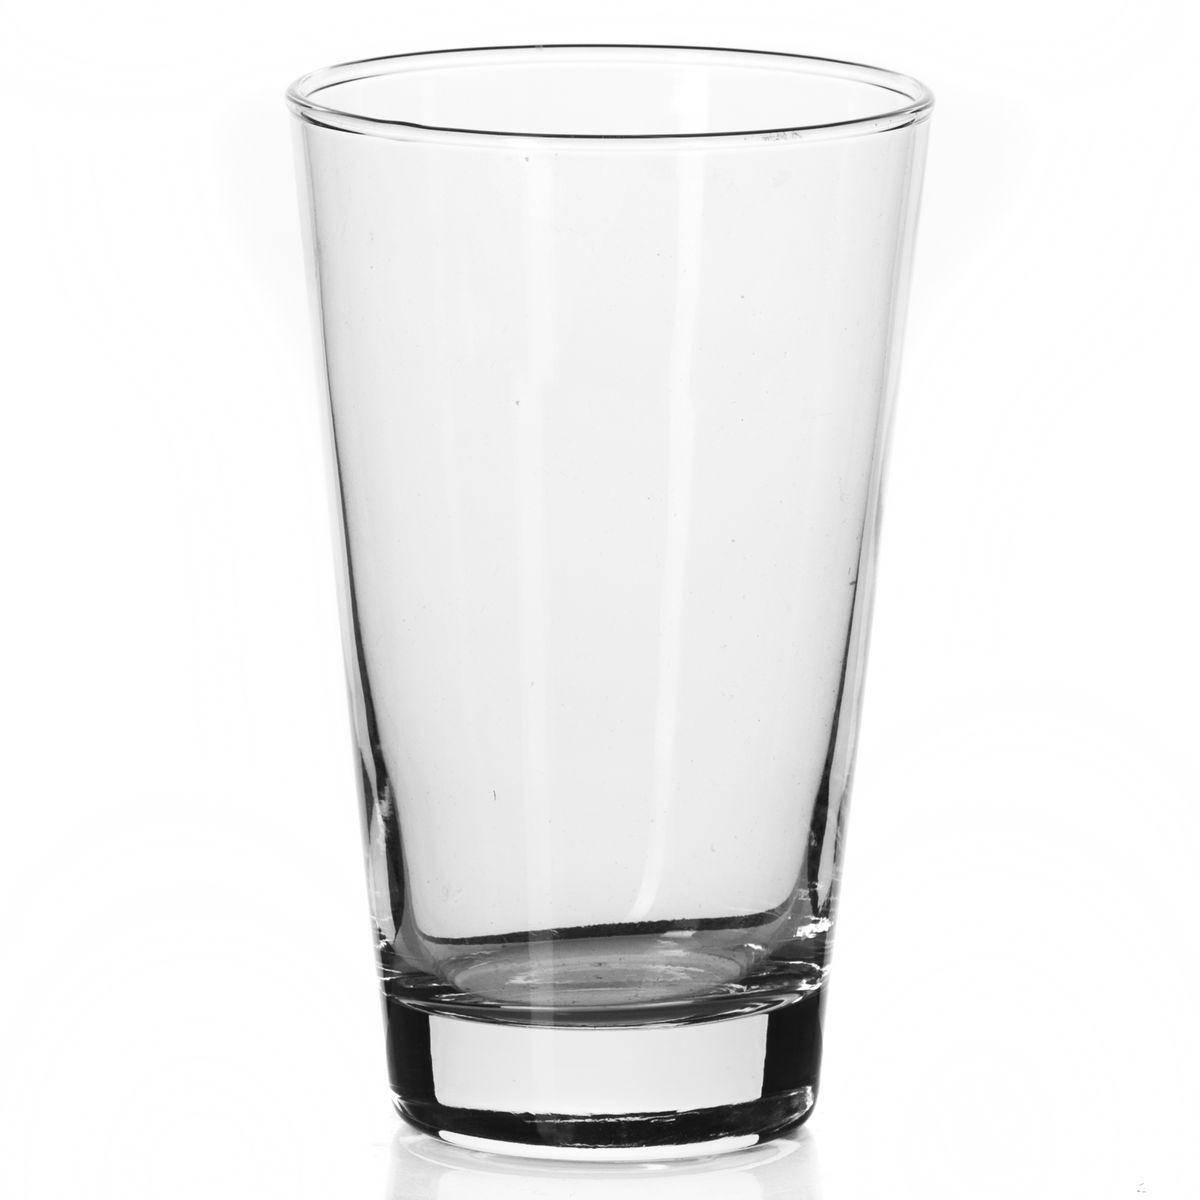 Набор стаканов для коктейлей Pasabahce Izmir, 400 мл, 6 шт42877BНабор Pasabahce Izmir, состоящий из шести высоких стаканов, несомненно, придется вам по душе. Стаканы предназначены для подачи коктейлей, сока, воды и других напитков. Они изготовлены из прочного высококачественного прозрачного стекла и имеют толстое дно. Стаканы сочетают в себе элегантный дизайн и функциональность. Благодаря такому набору пить напитки будет еще вкуснее. Набор стаканов Pasabahce Izmir идеально подойдет для сервировки стола и станет отличным подарком к любому празднику. Диаметр стакана по верхнему краю: 8 см. Высота стакана: 13,5 см. Диаметр основания стакана: 5,3 см.